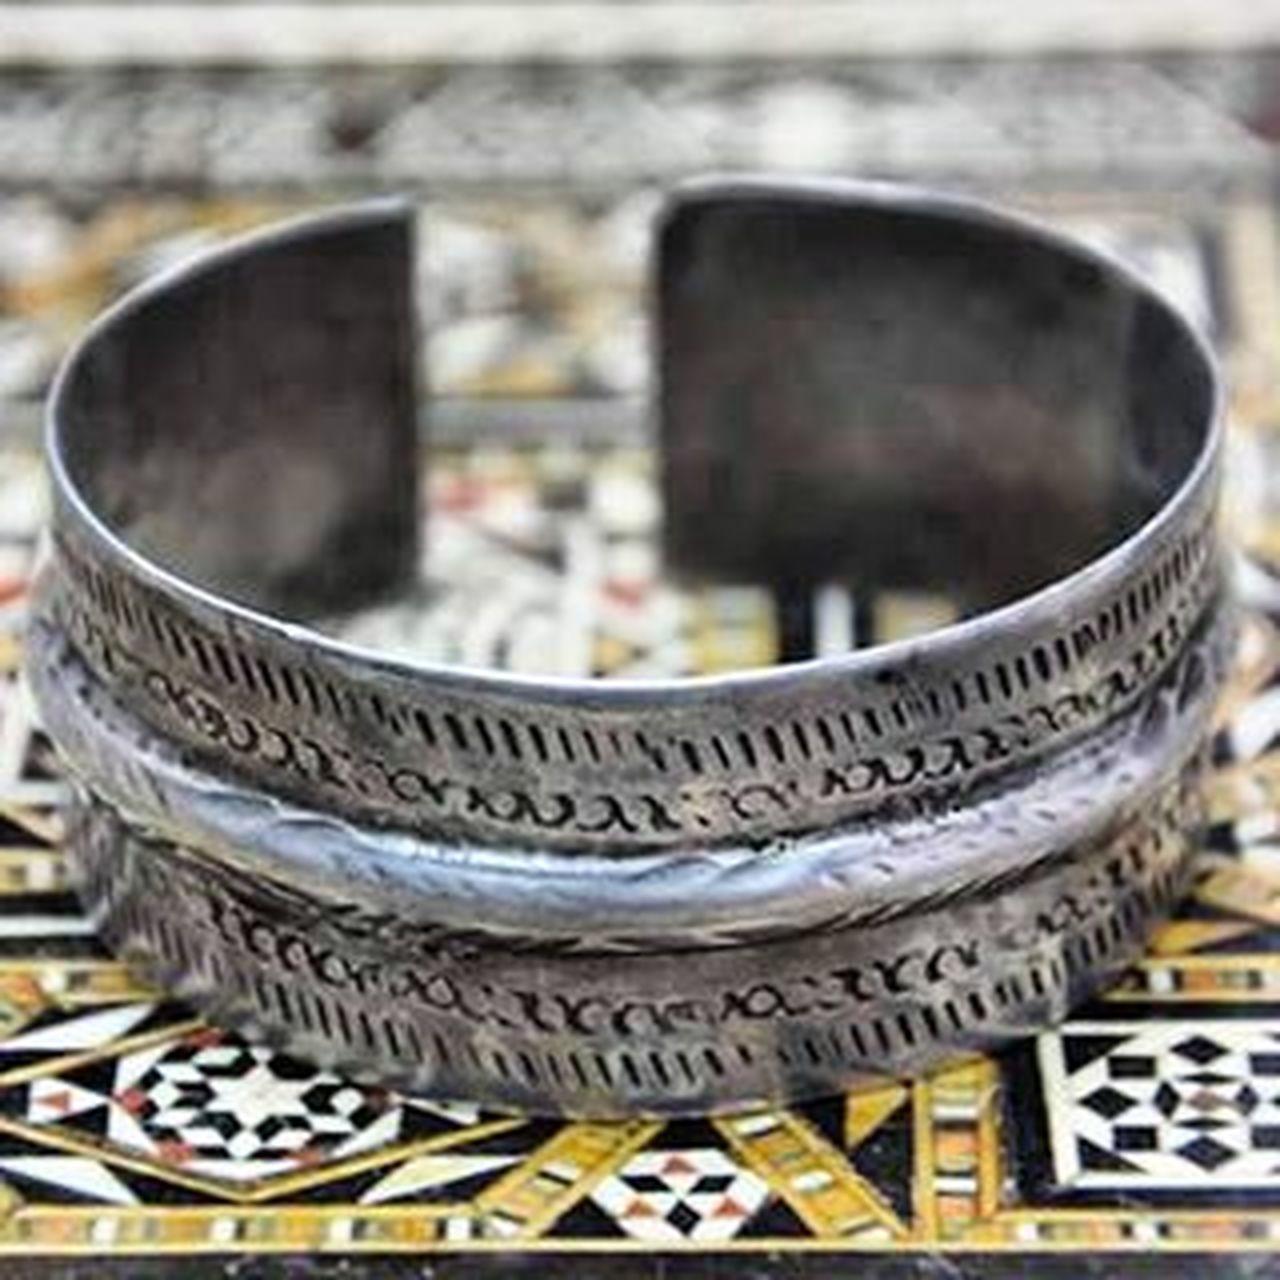 Carthagina Tunisia IgersTunisia Art Jewelry Wikilovesafrica Wlaf Migyass المقياس ... ظاهره واضح و بسيط وباطنه سحري و غامض و يدعوك للإكتشاف ! :)